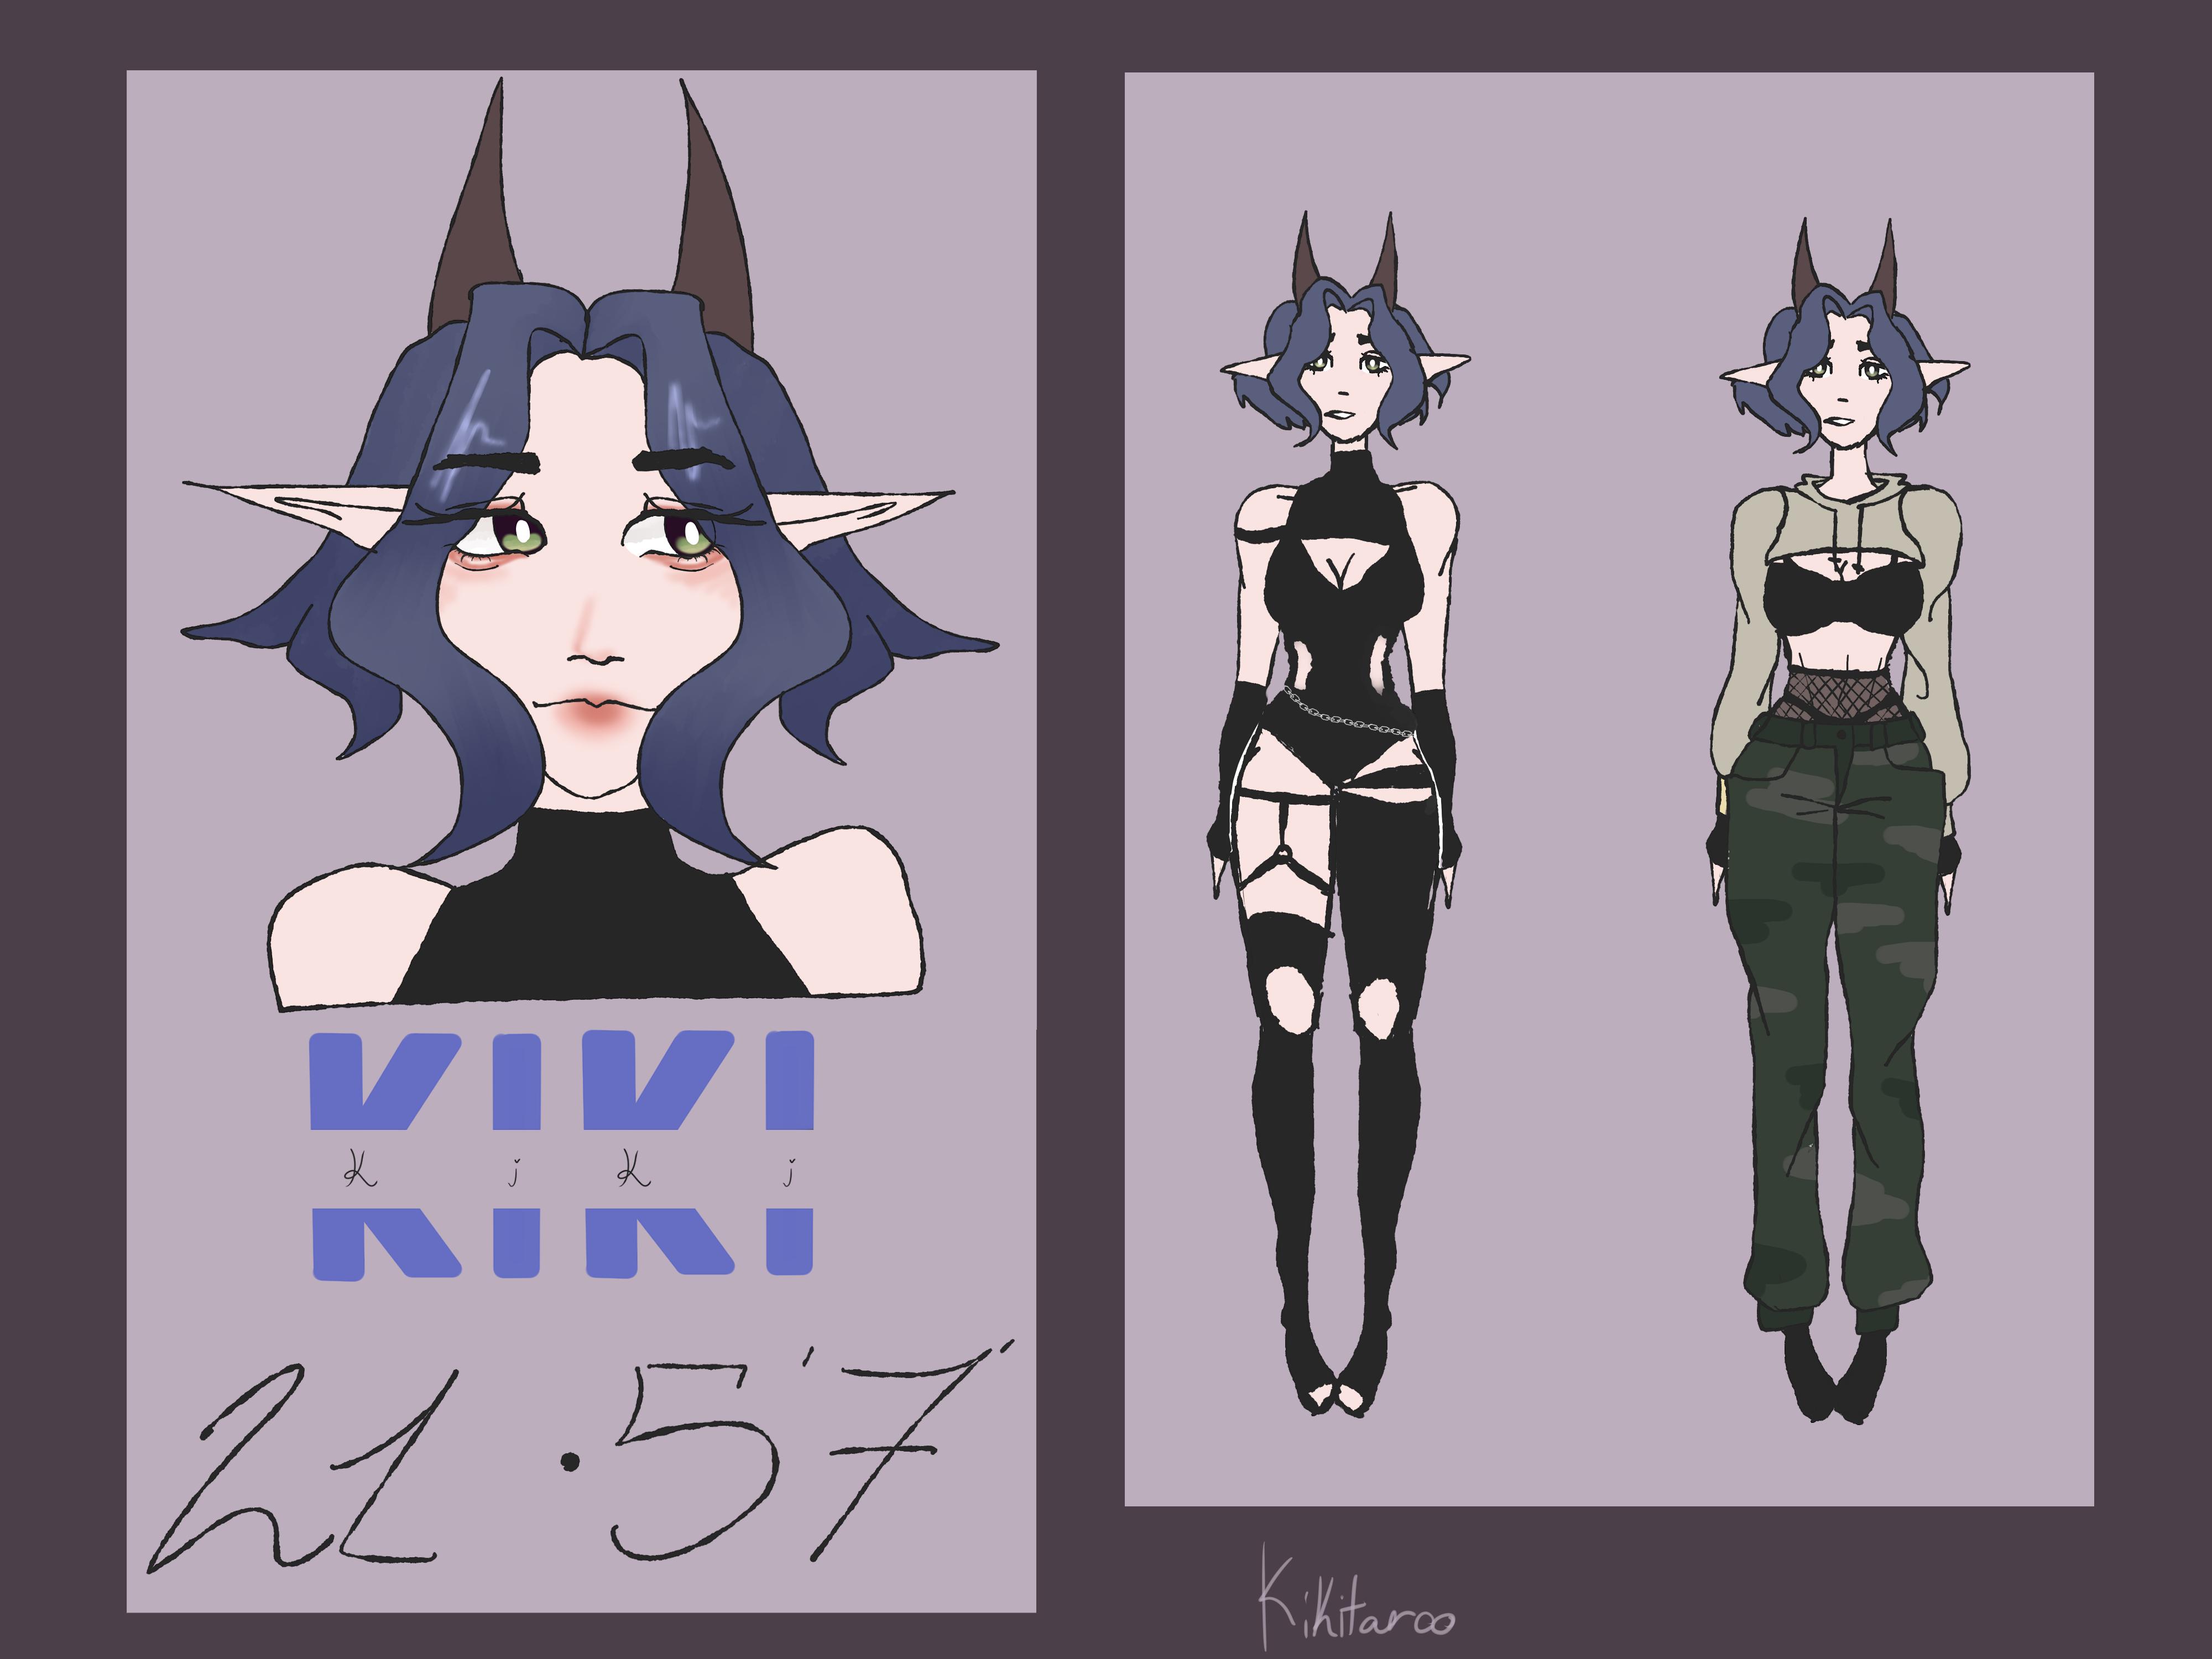 Kiki - Persona reference sheet by Kikitaroo